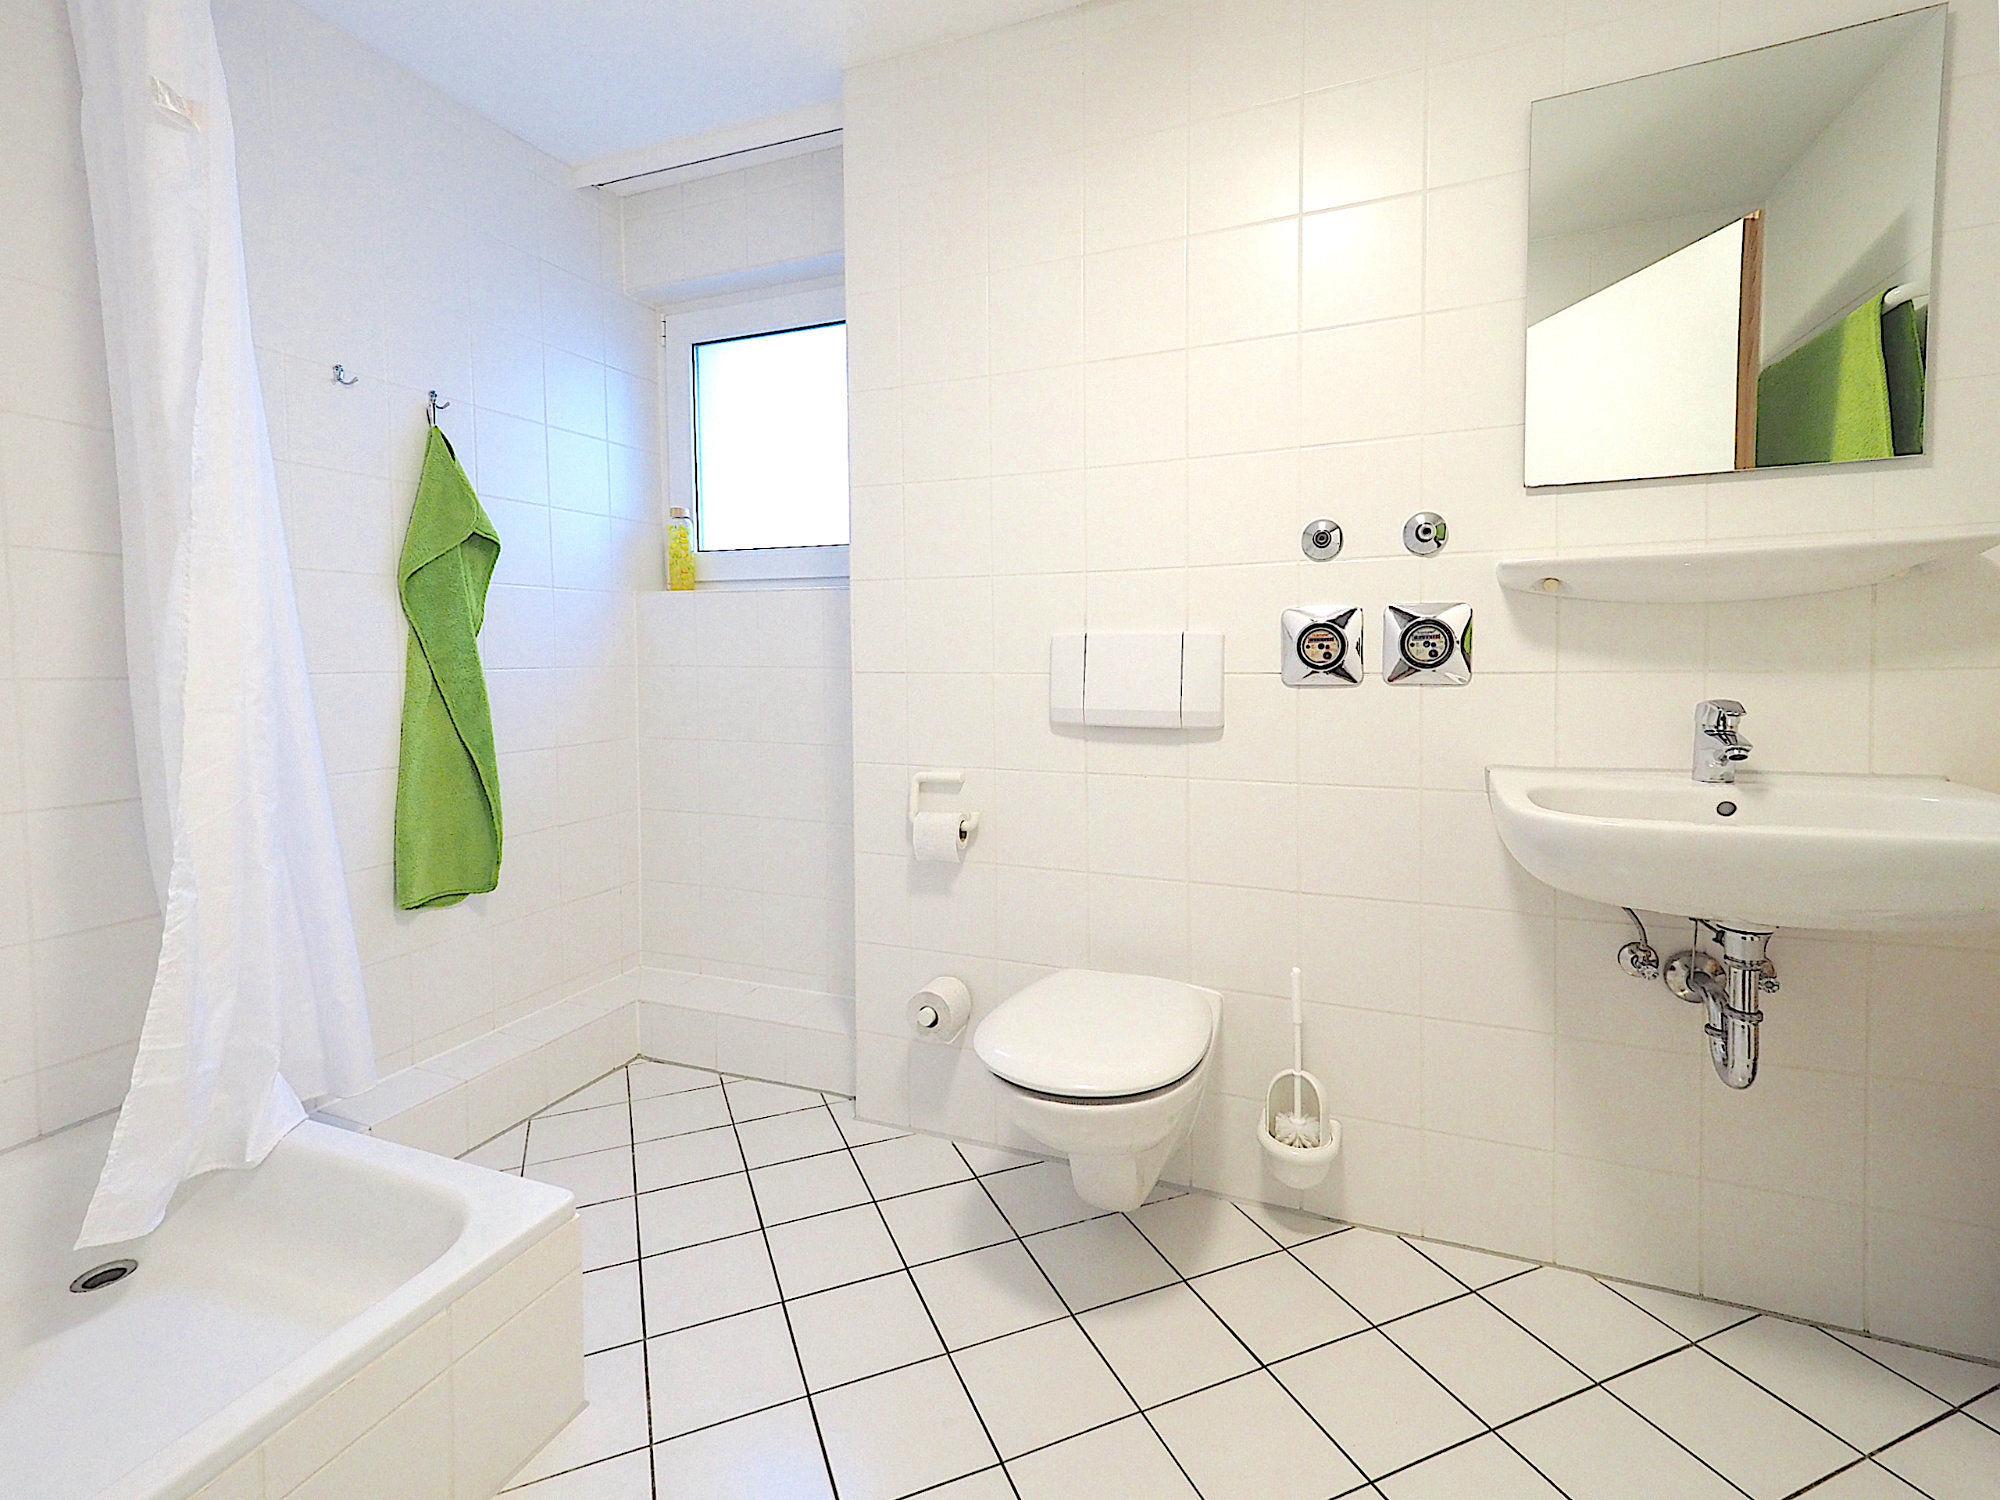 Duschbad mit Dusche, Fenster  WC und Waschbecken